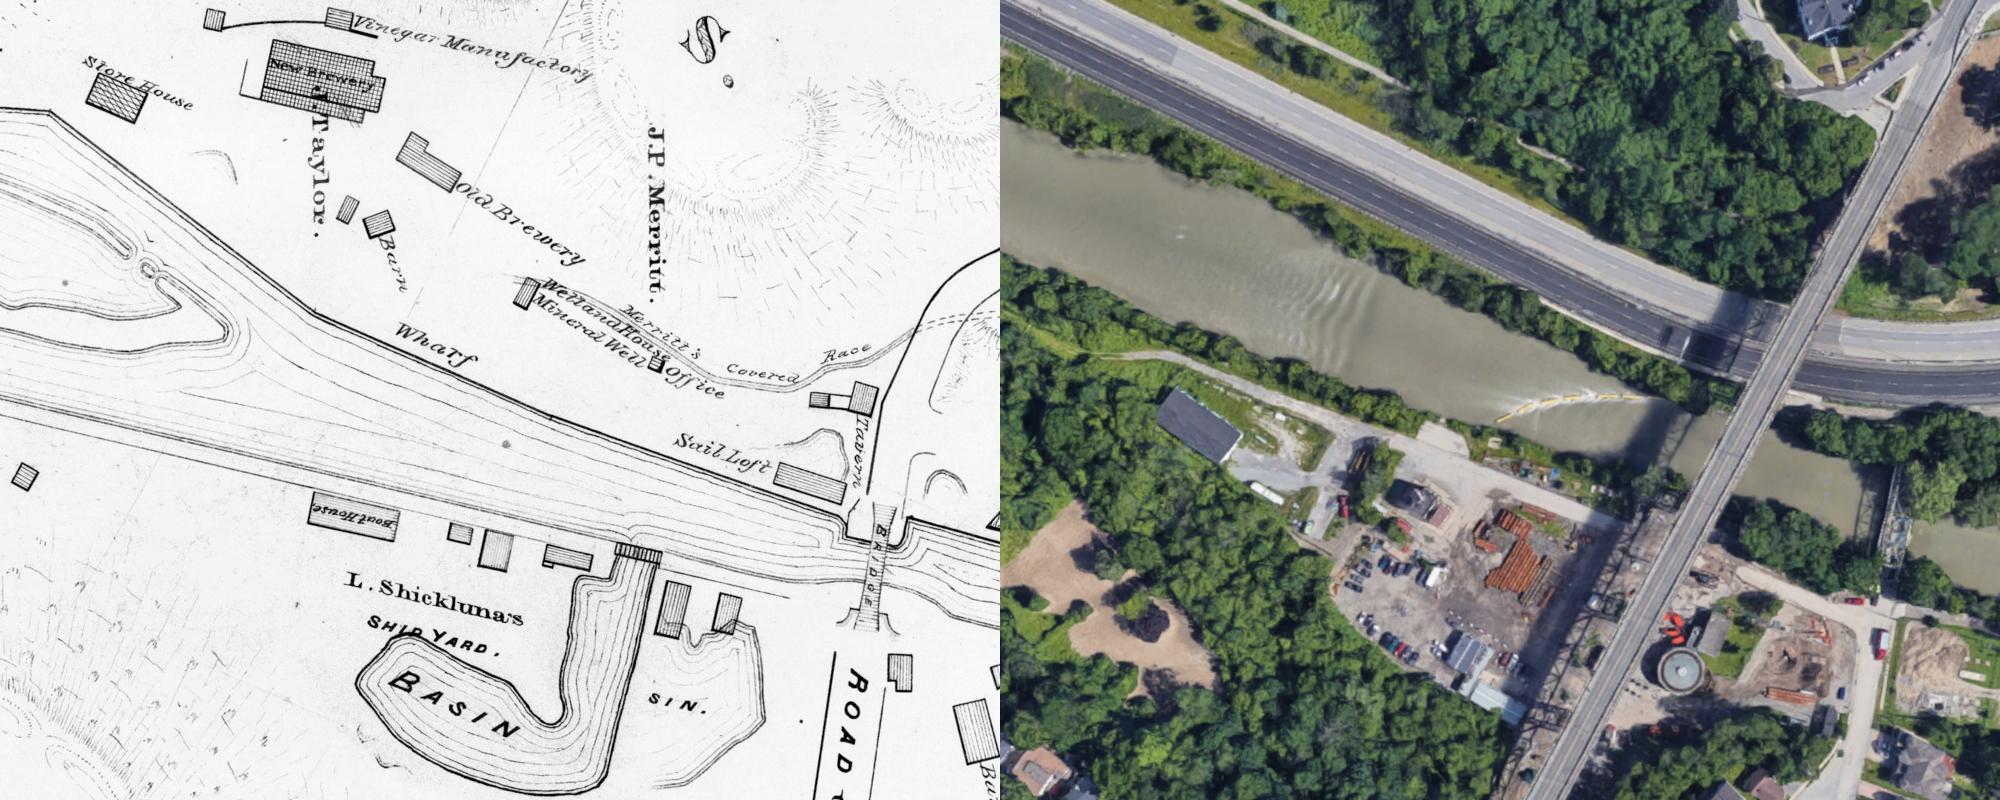 shickluna-map.png